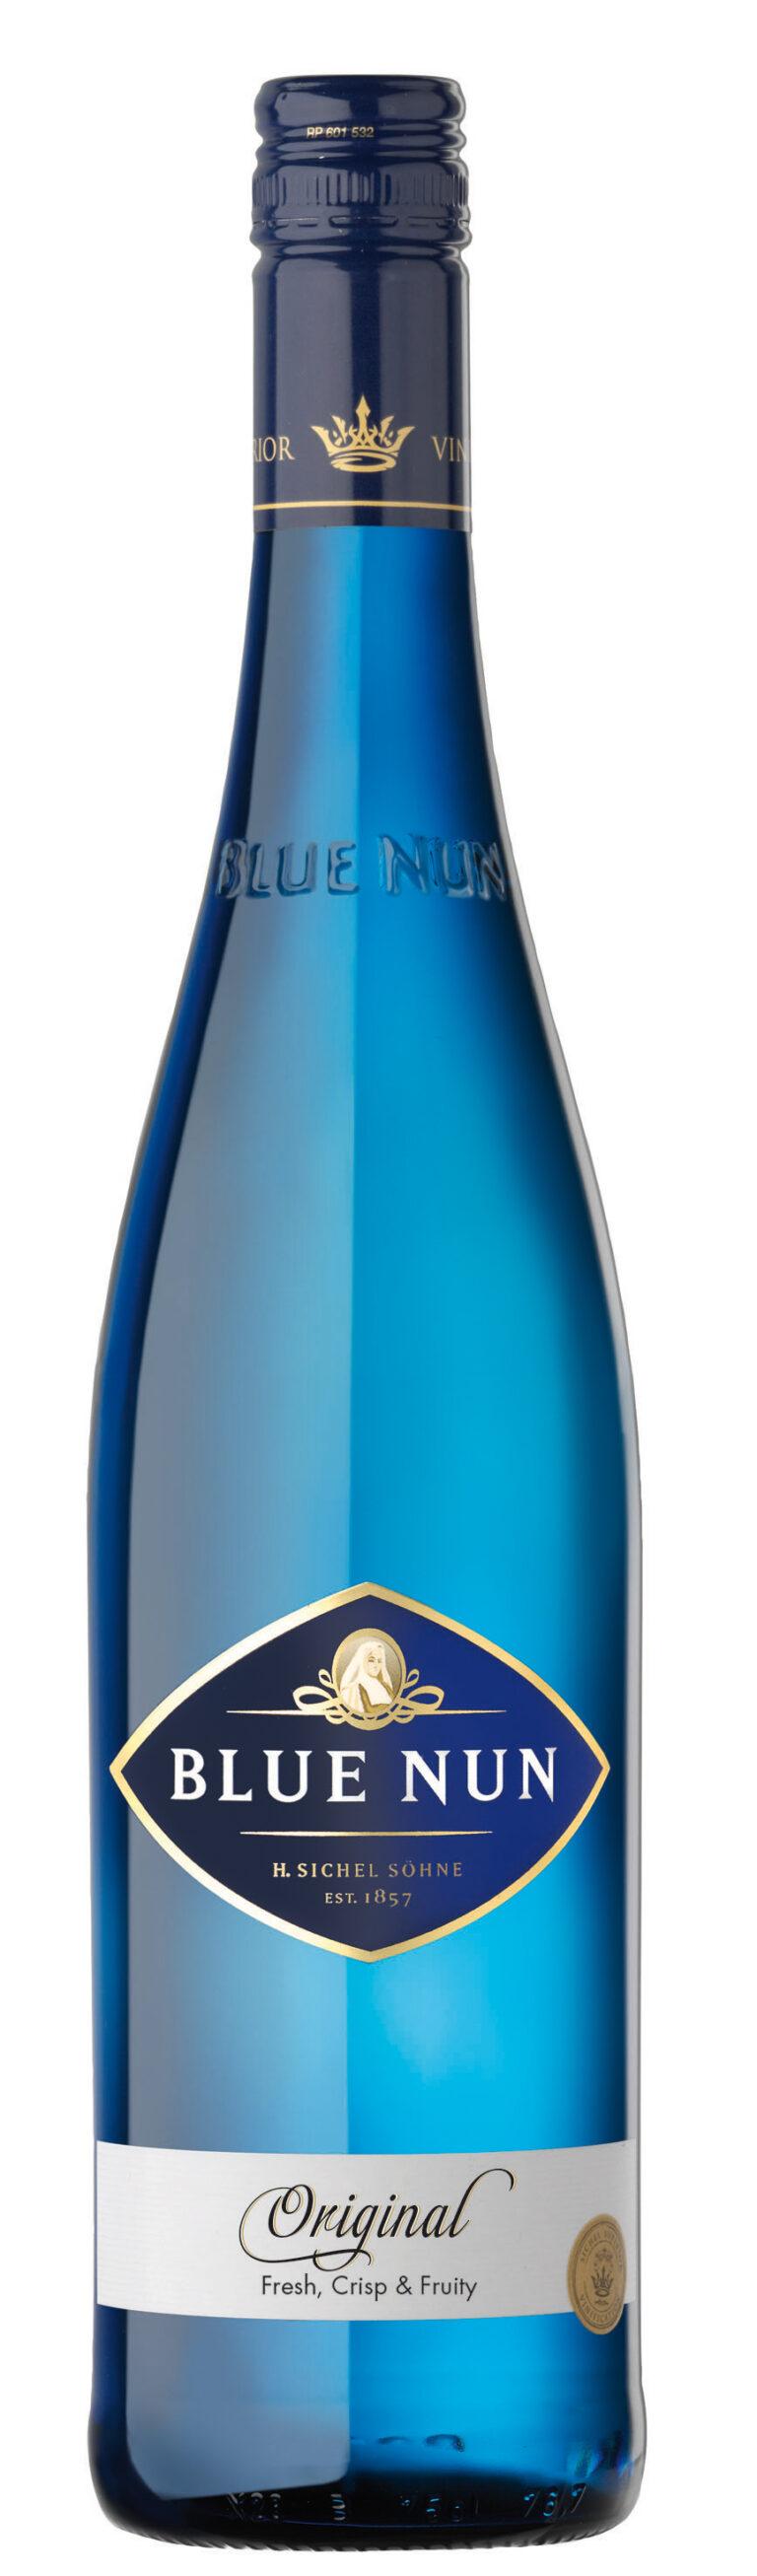 Blue Nun Original 75cl